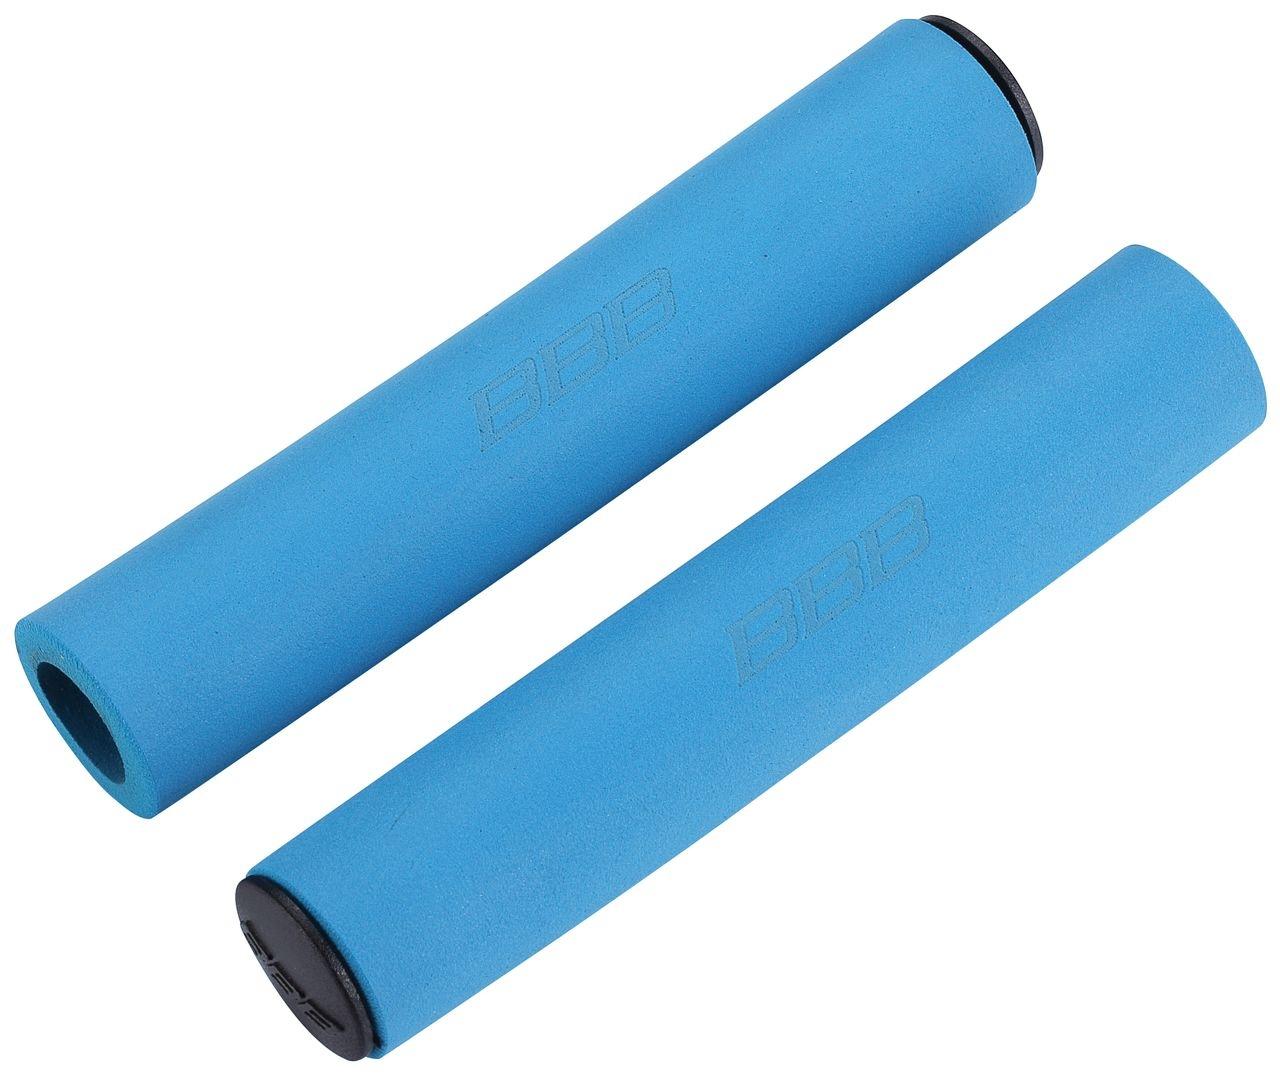 Poignées BBB Sticky 130 mm (bleu) - BHG-34